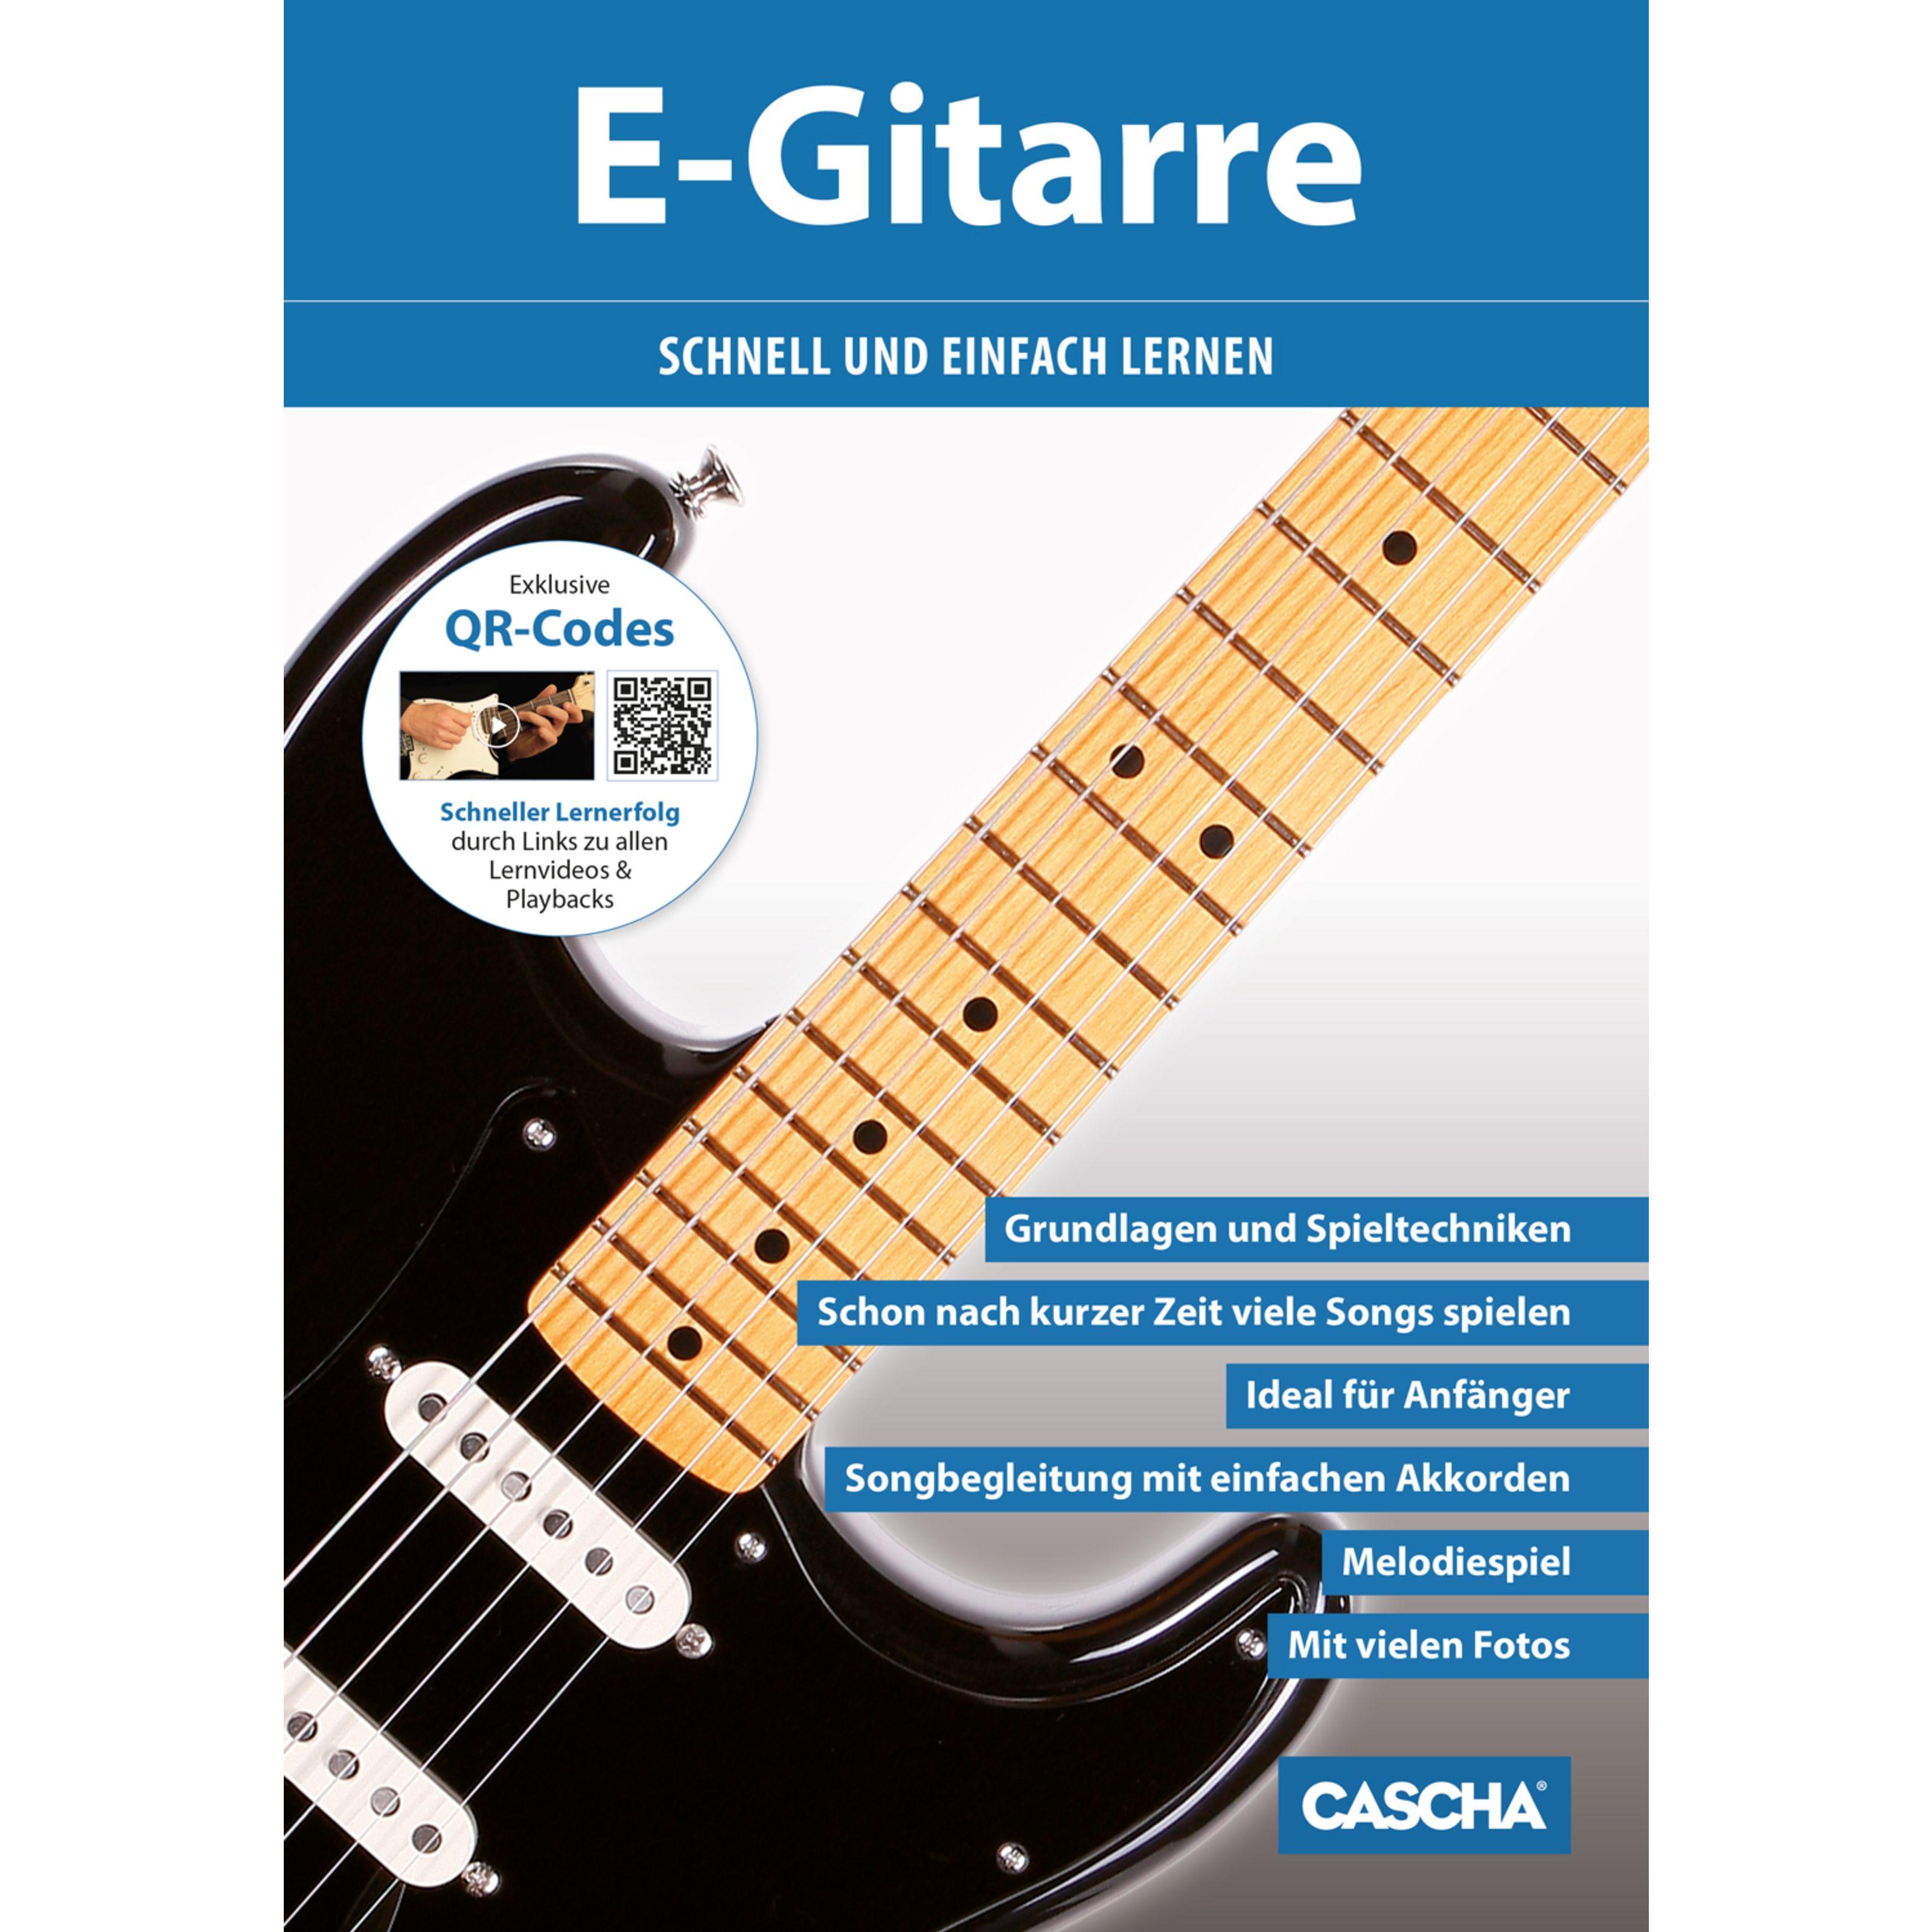 Cascha Verlag - E-Gitarre schnell und einfach lernen HH 1201